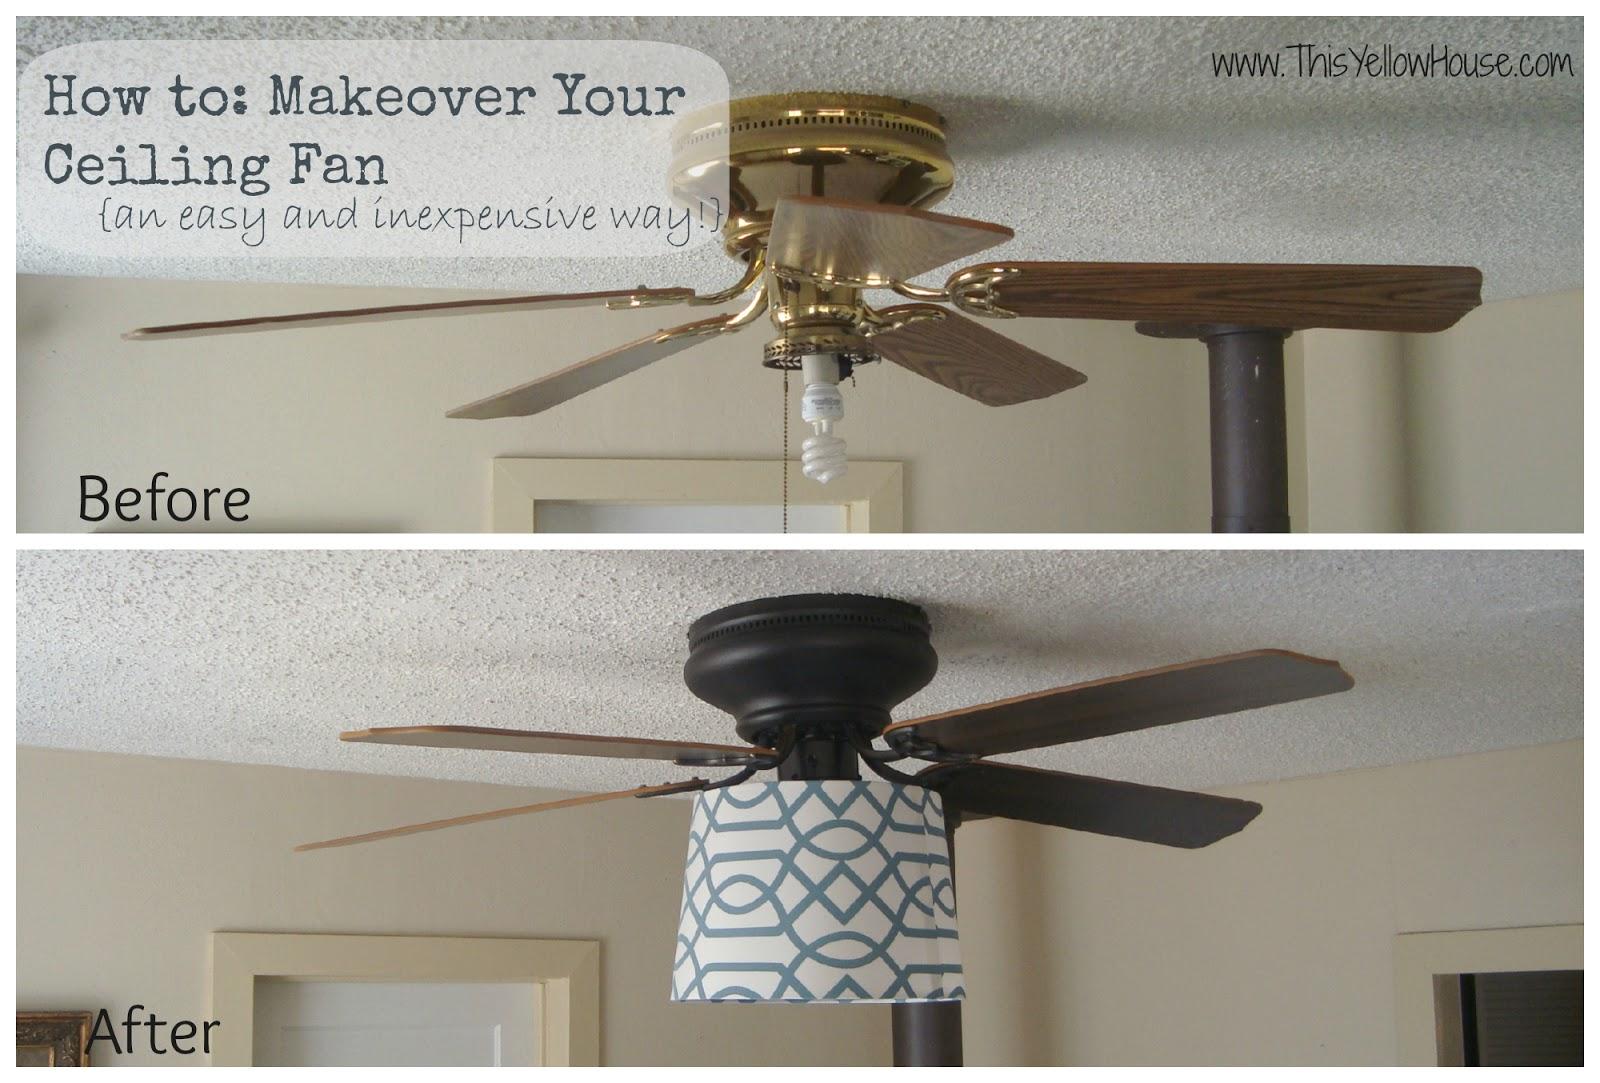 DIY Ceiling Fan Makeover - CafeMom